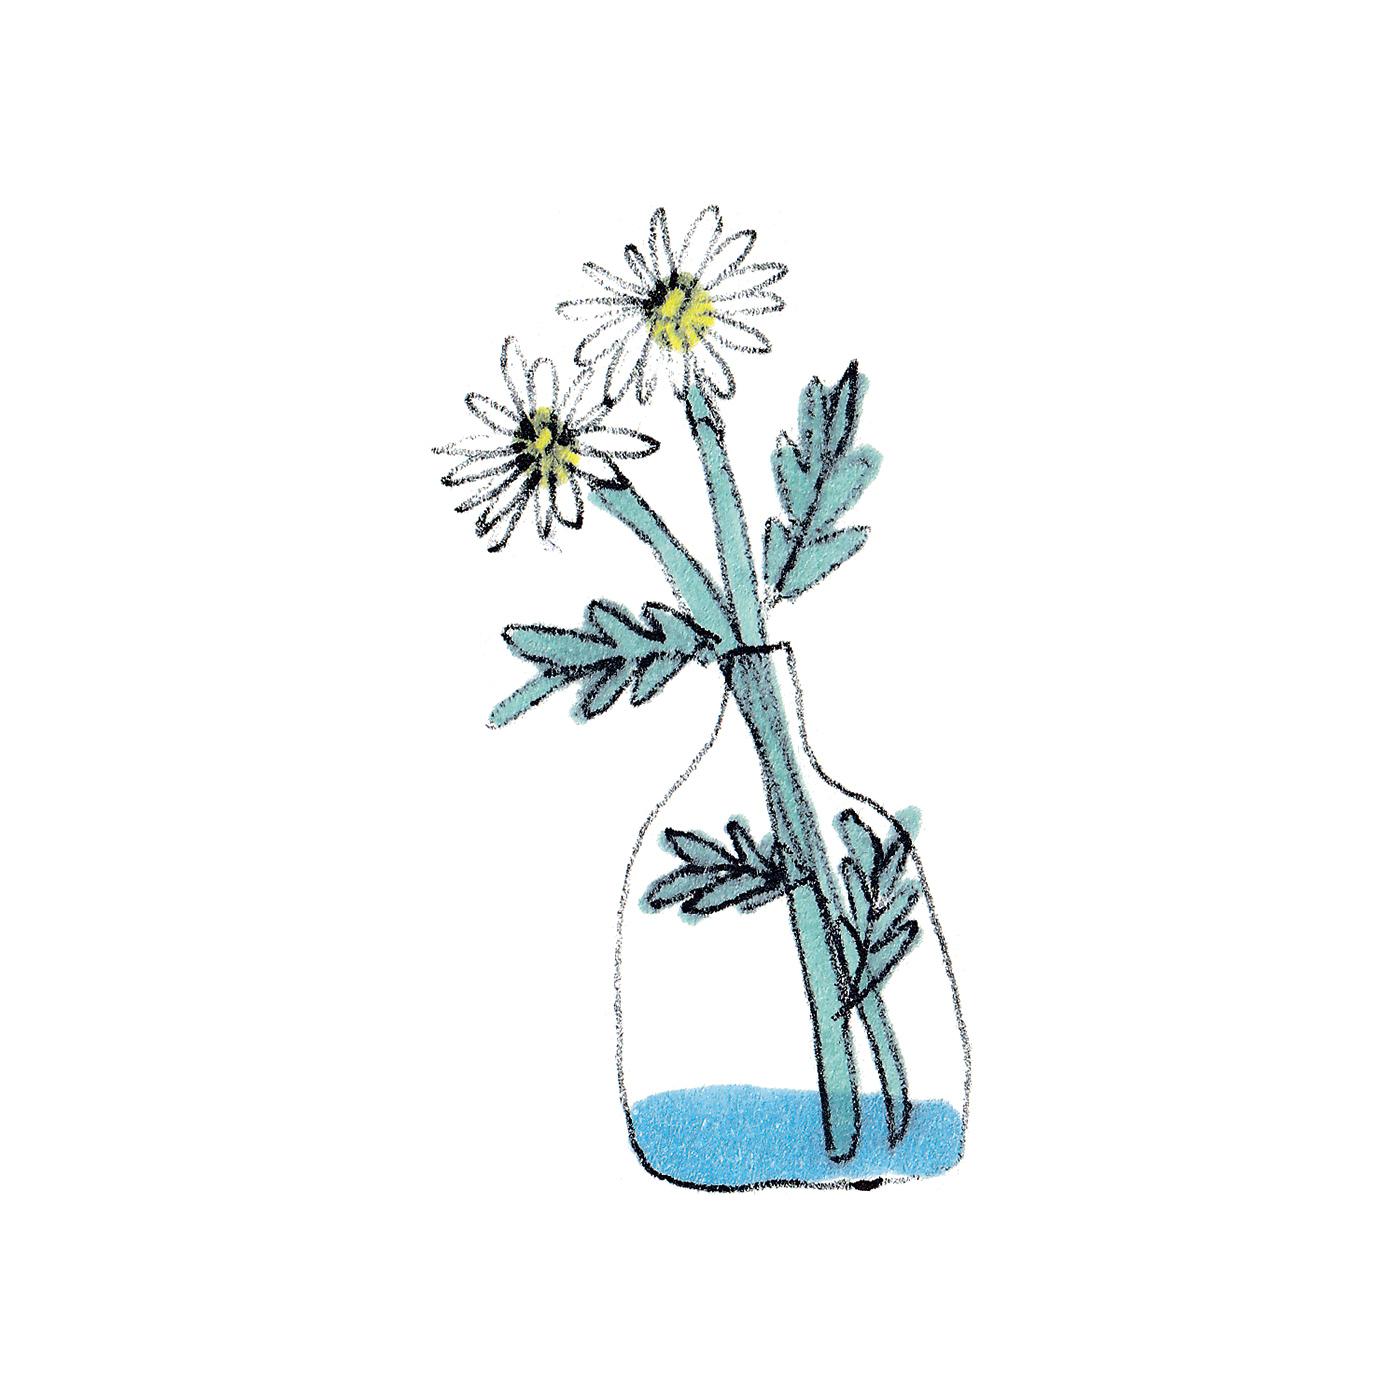 茎がどっぷりと浸かると苦しそうだから、花瓶の水を少なめに。